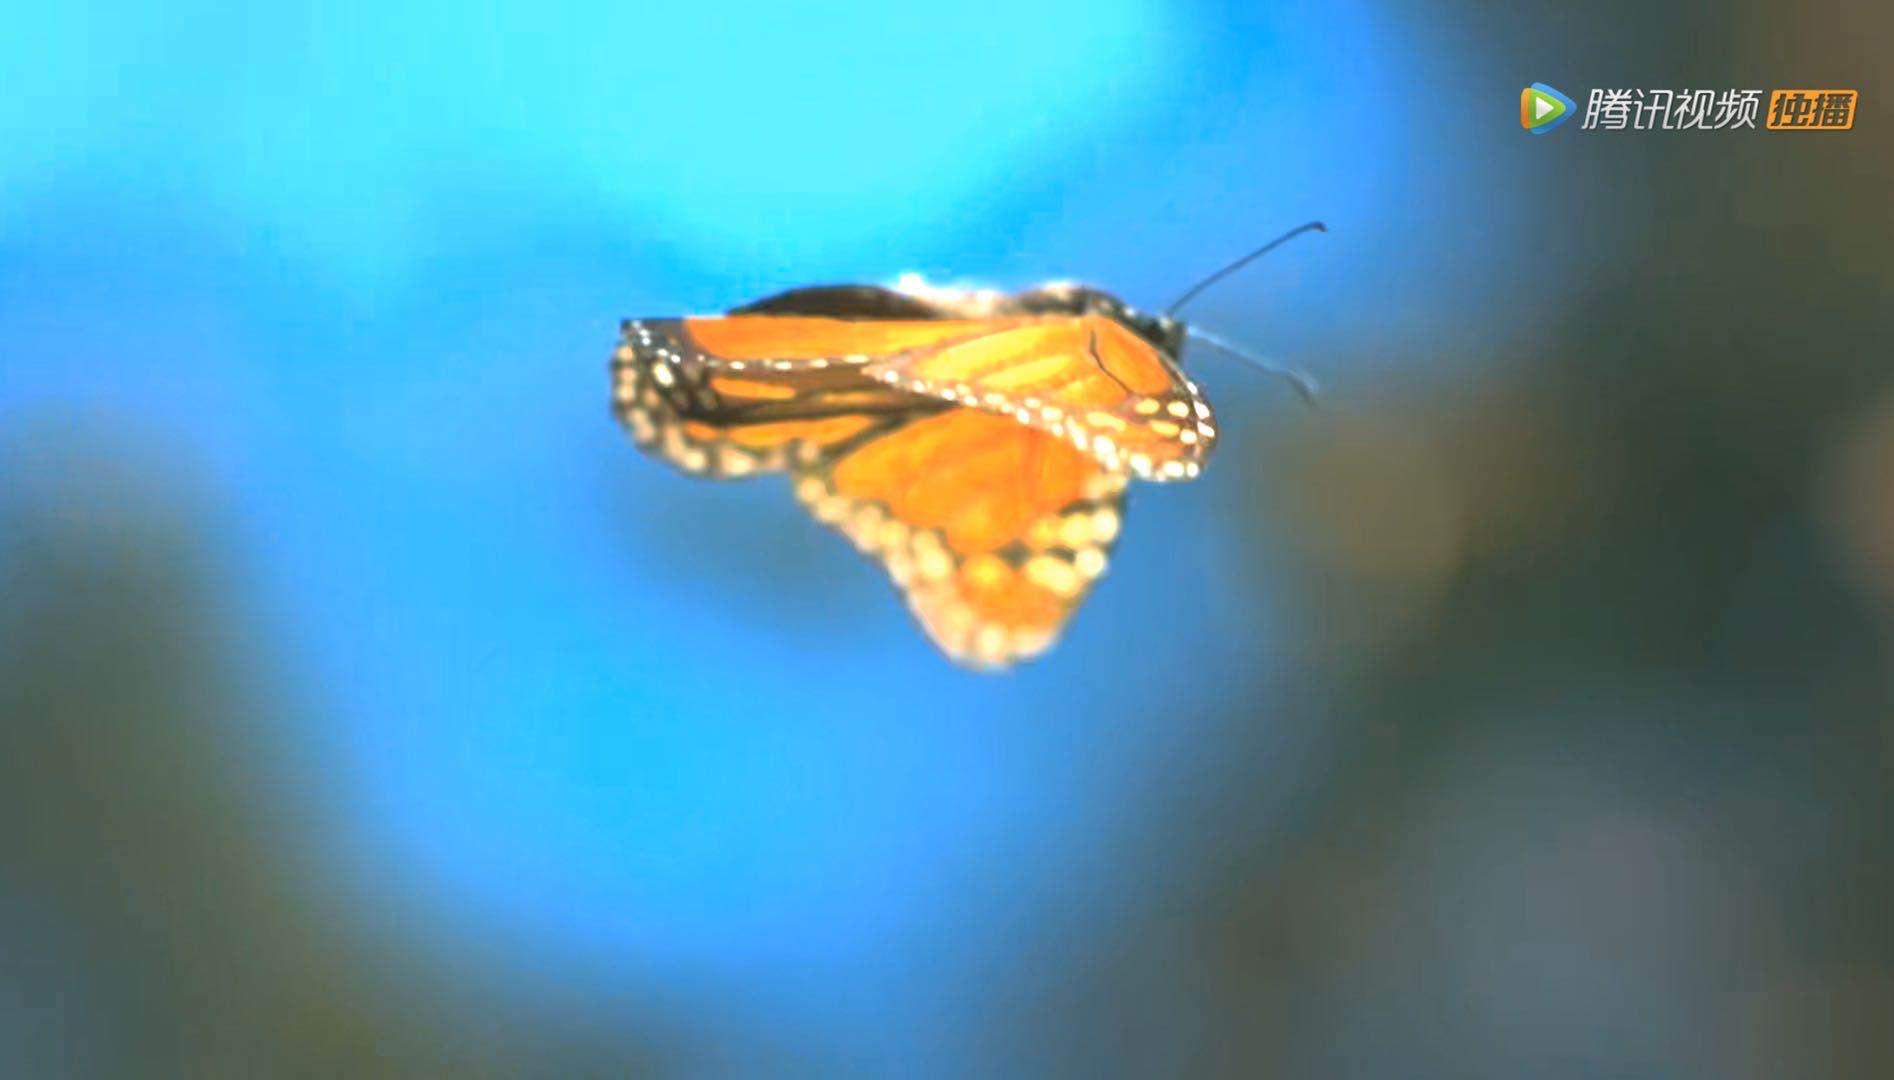 鸟特工的镜头下,捕捉到的蝴蝶